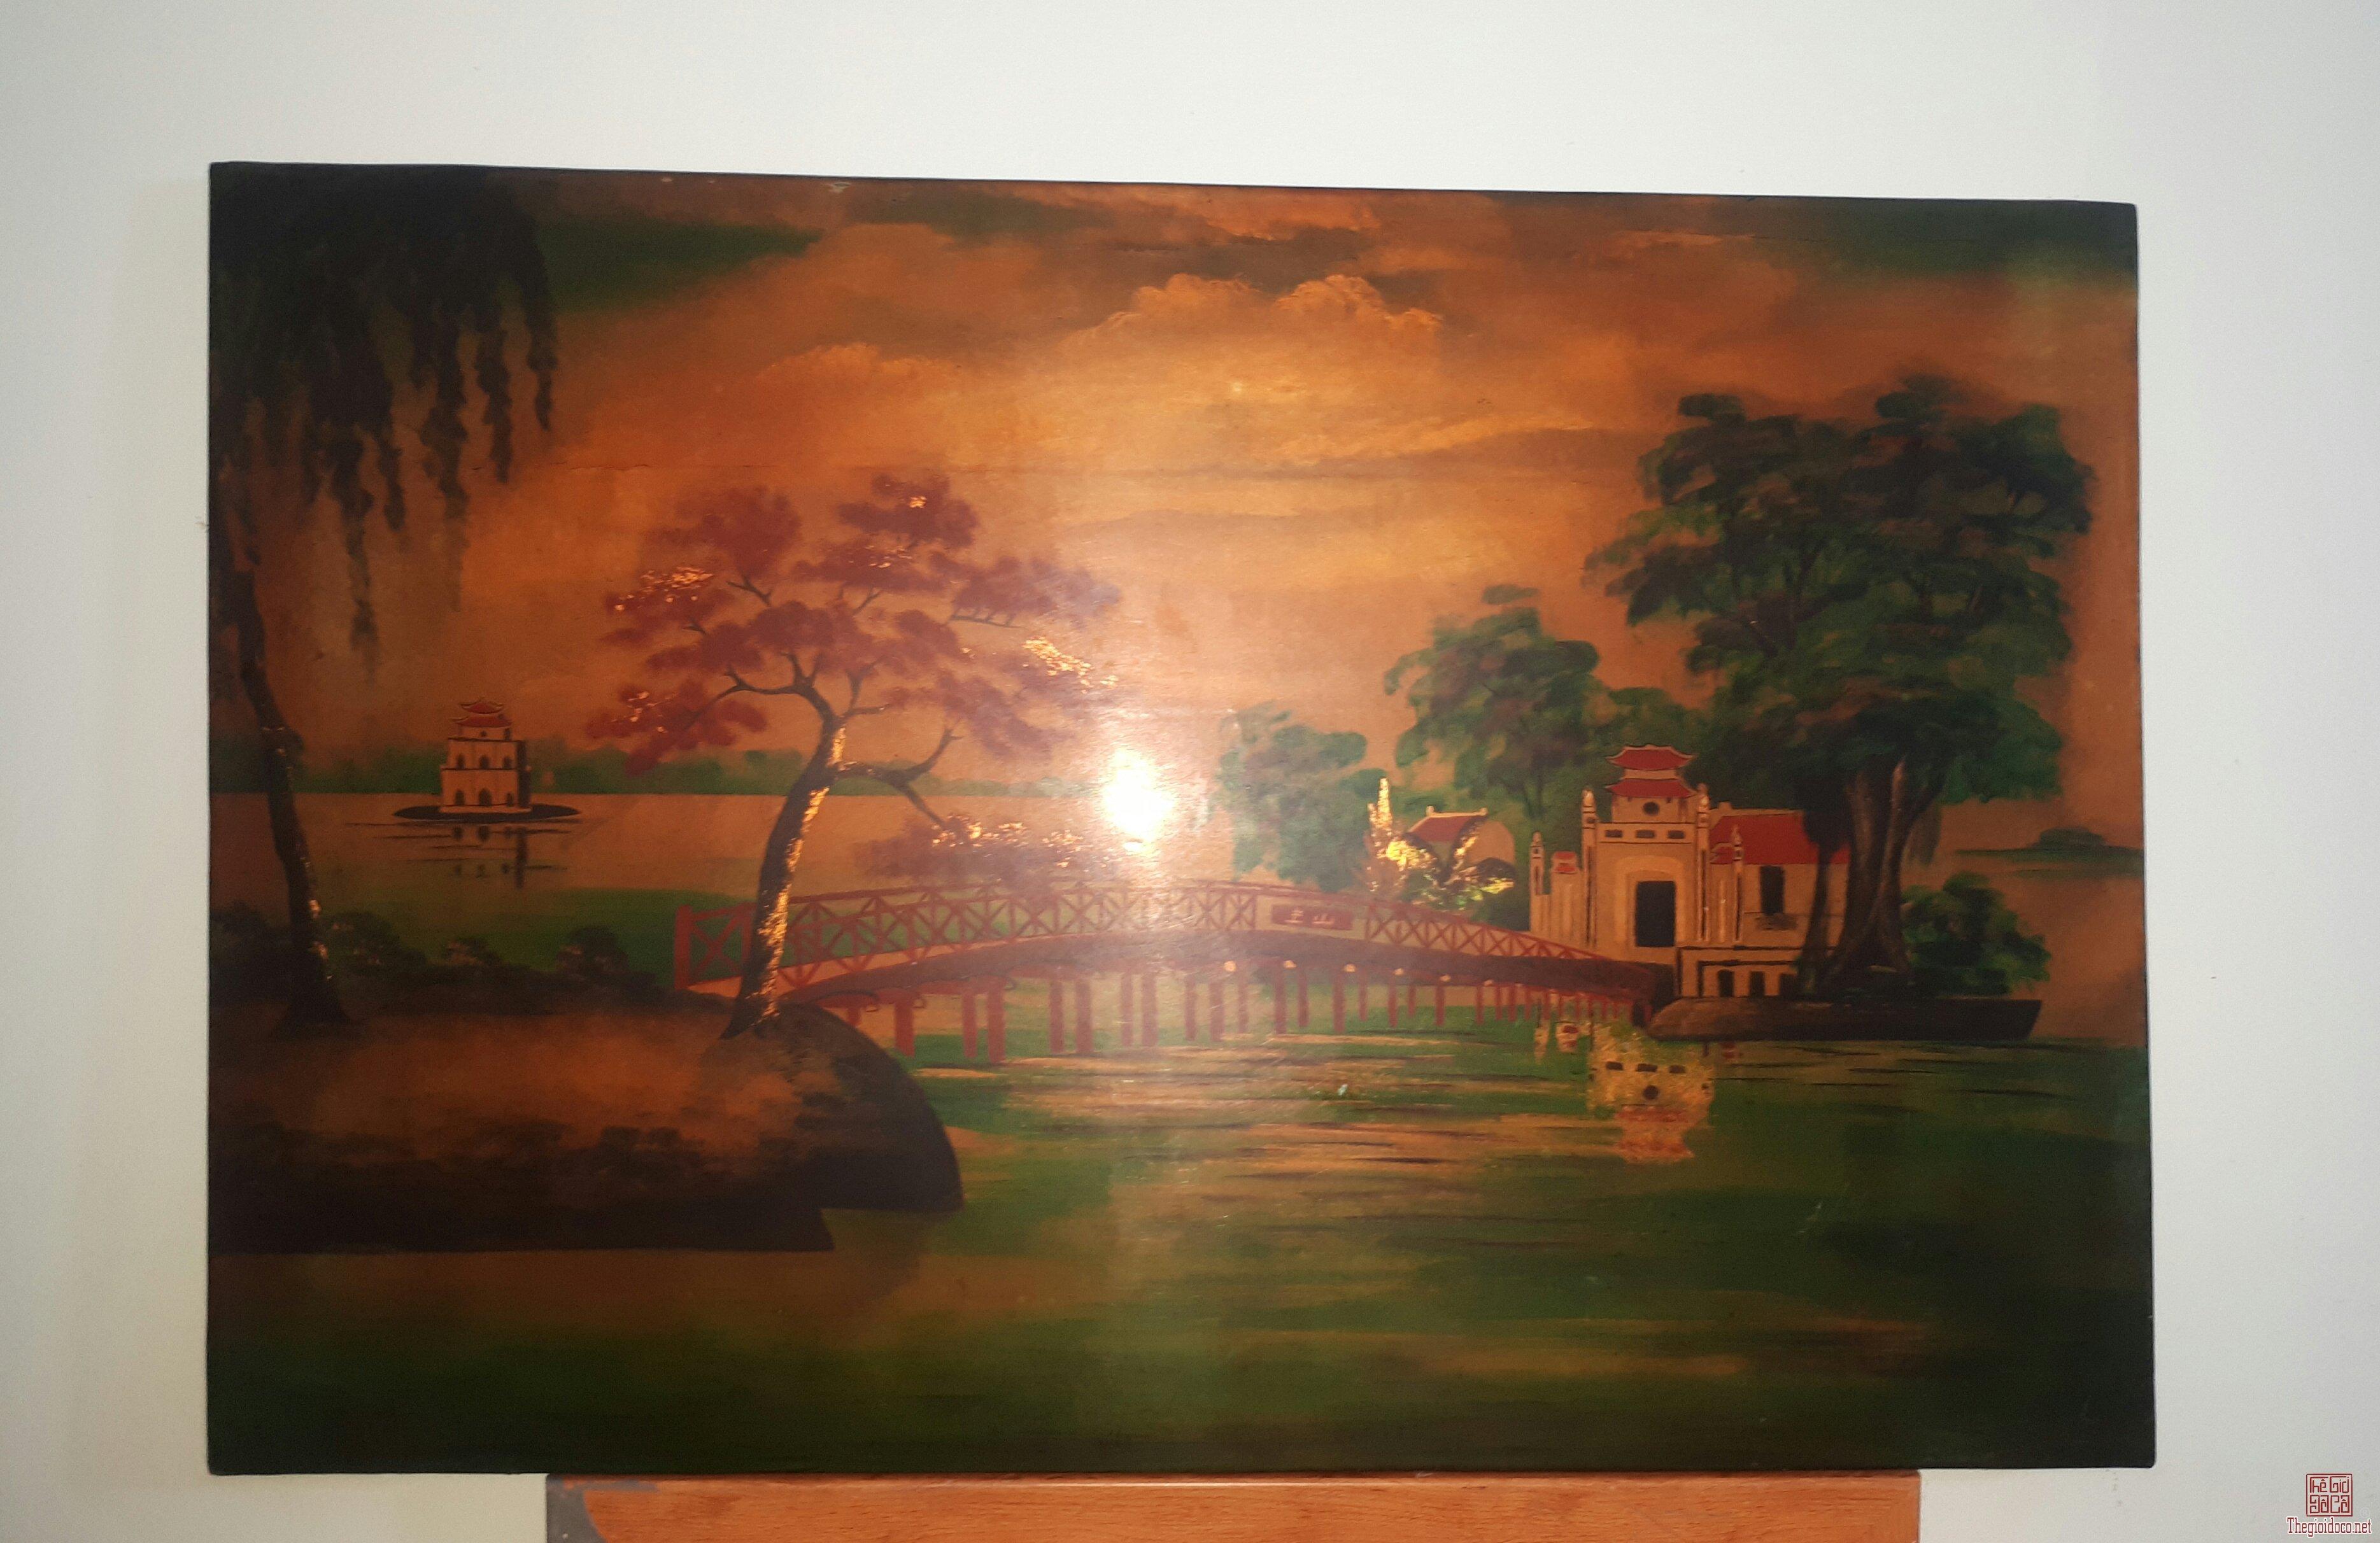 tranh sơn mài xưa thập niên 80s tình trạng mặt tranh lành đẹp 95% KT 40x60cm